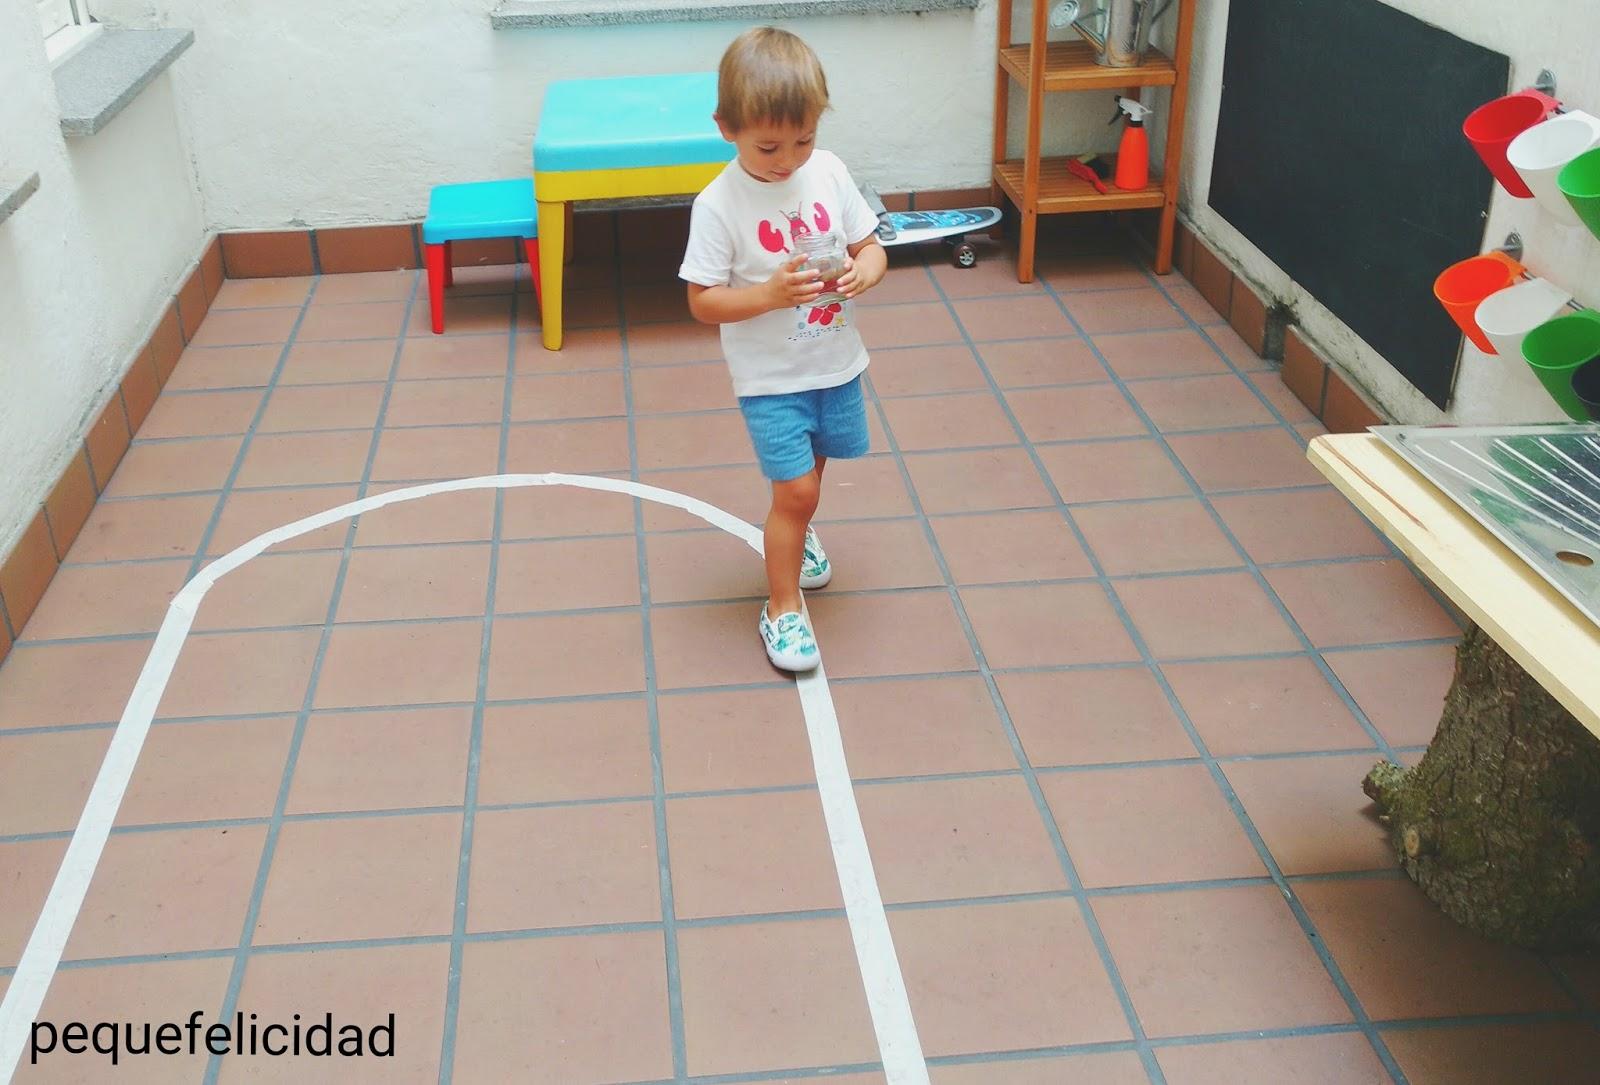 Circuito Juegos Para Niños : Juegos para niños de a años ideas sencillas y divertidas